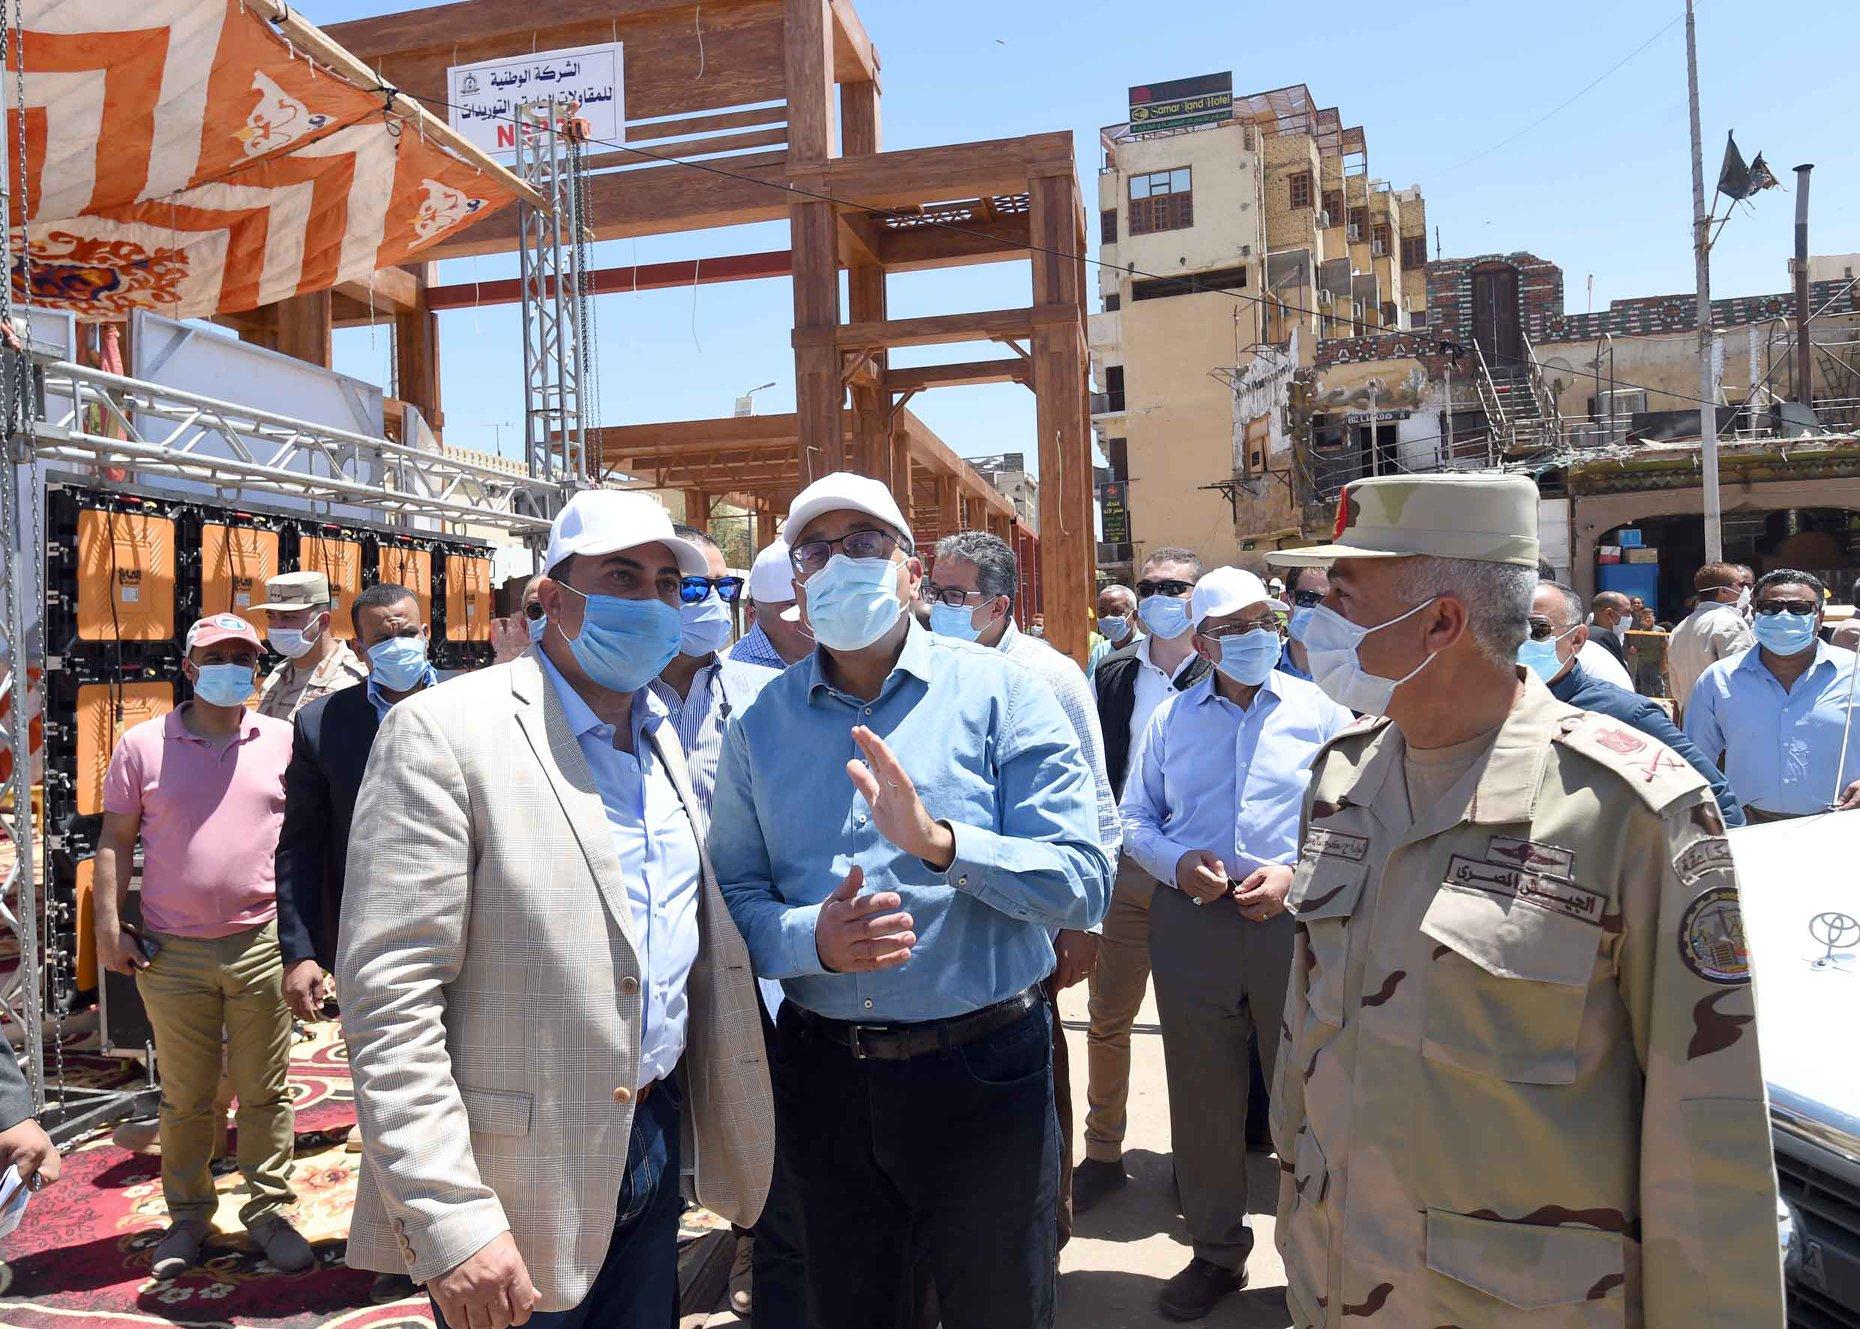 صور | رئيس الوزراء يتفقد أعمال تطوير السوق السياحي بأسوان